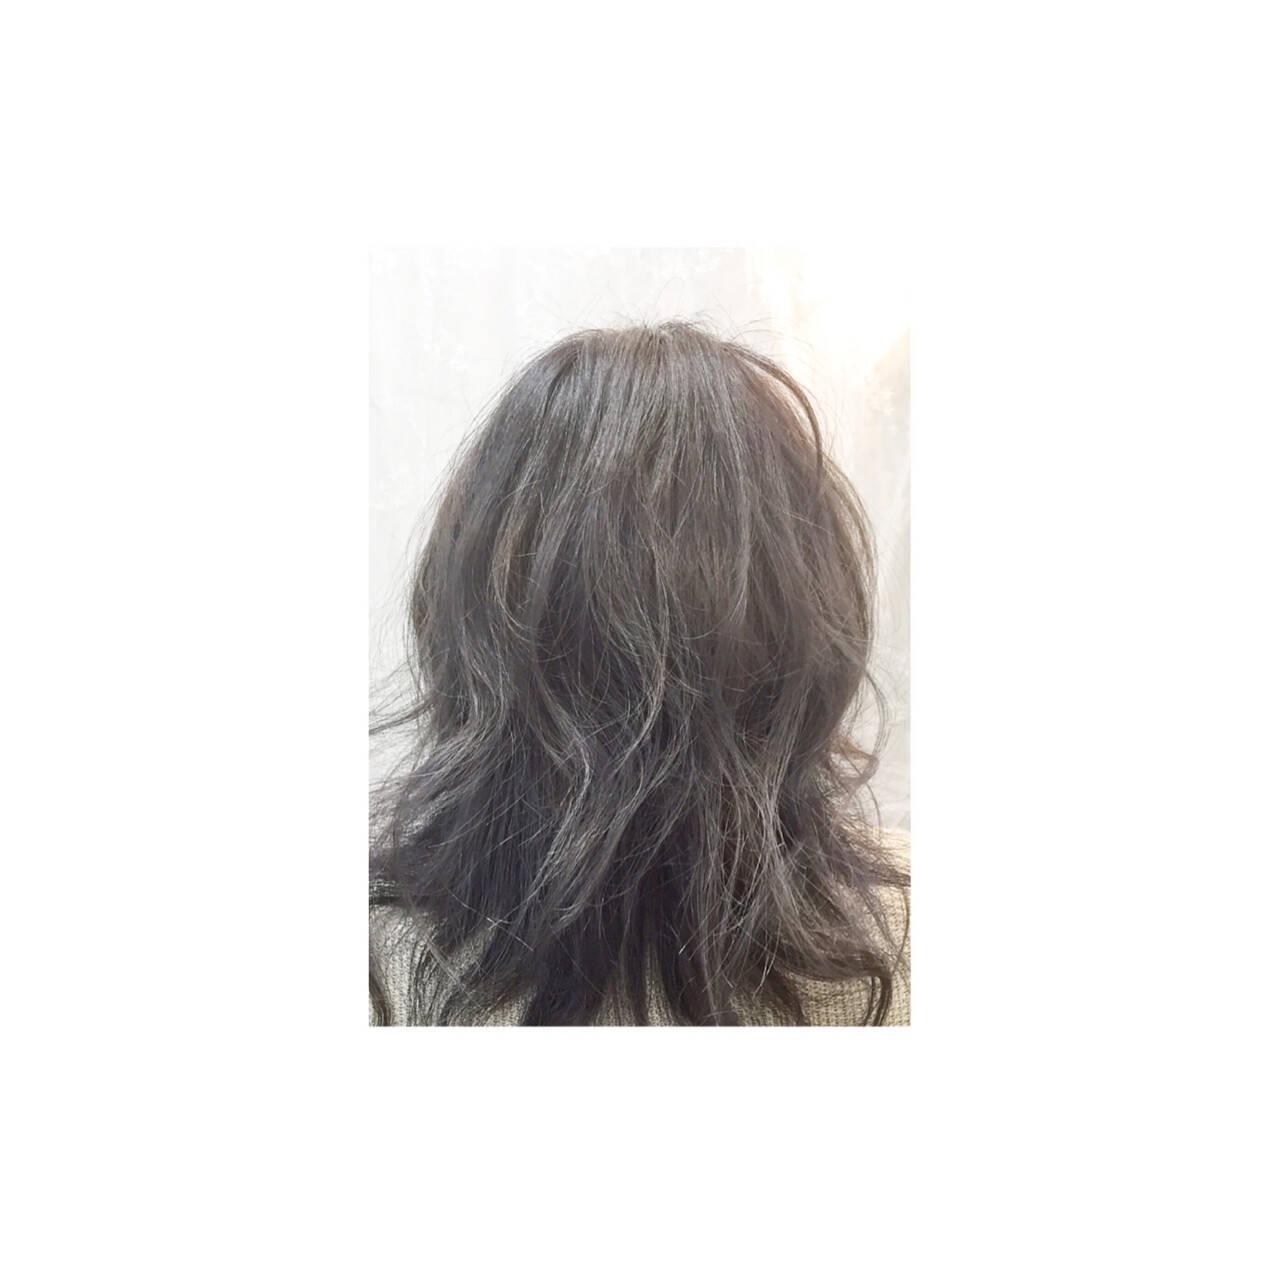 外国人風 アッシュ ナチュラル ミディアムヘアスタイルや髪型の写真・画像